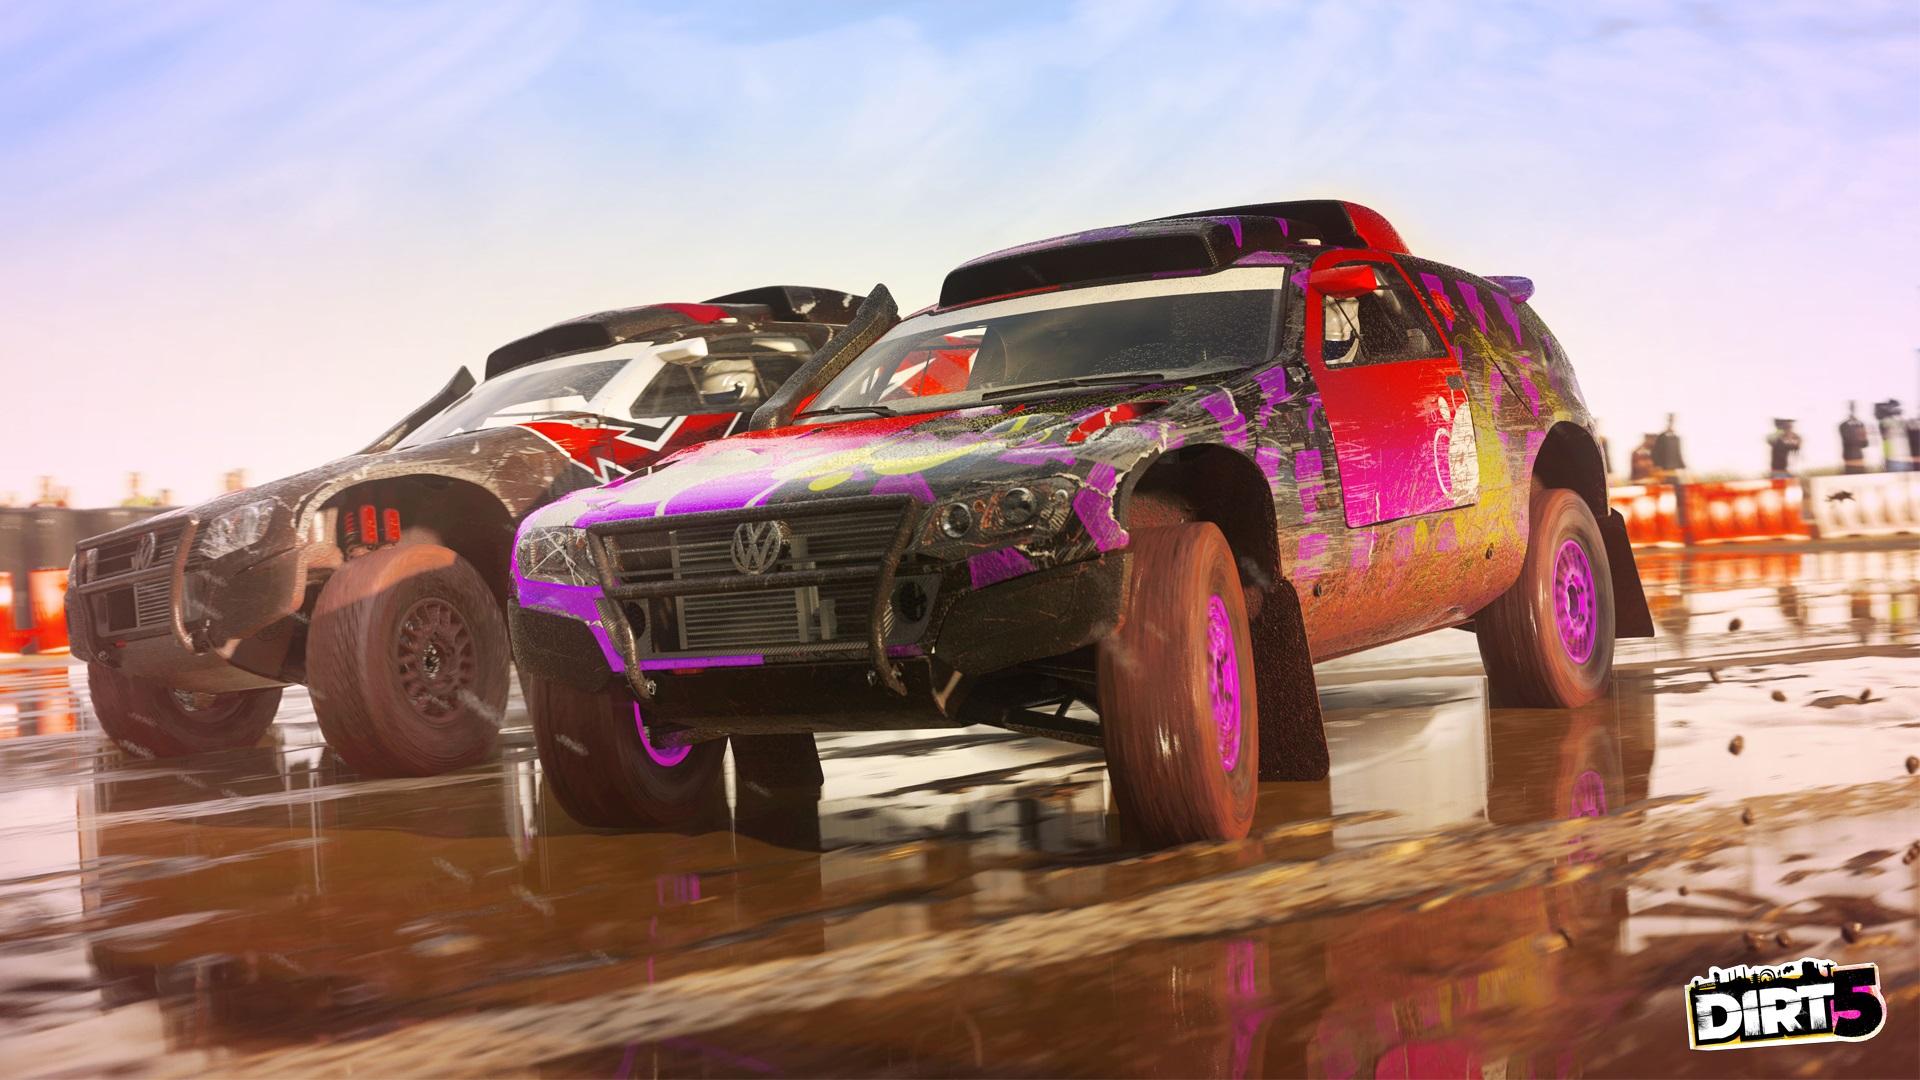 Błoto, frajda i szybkie samochody - graliśmy w DiRT 5! 20